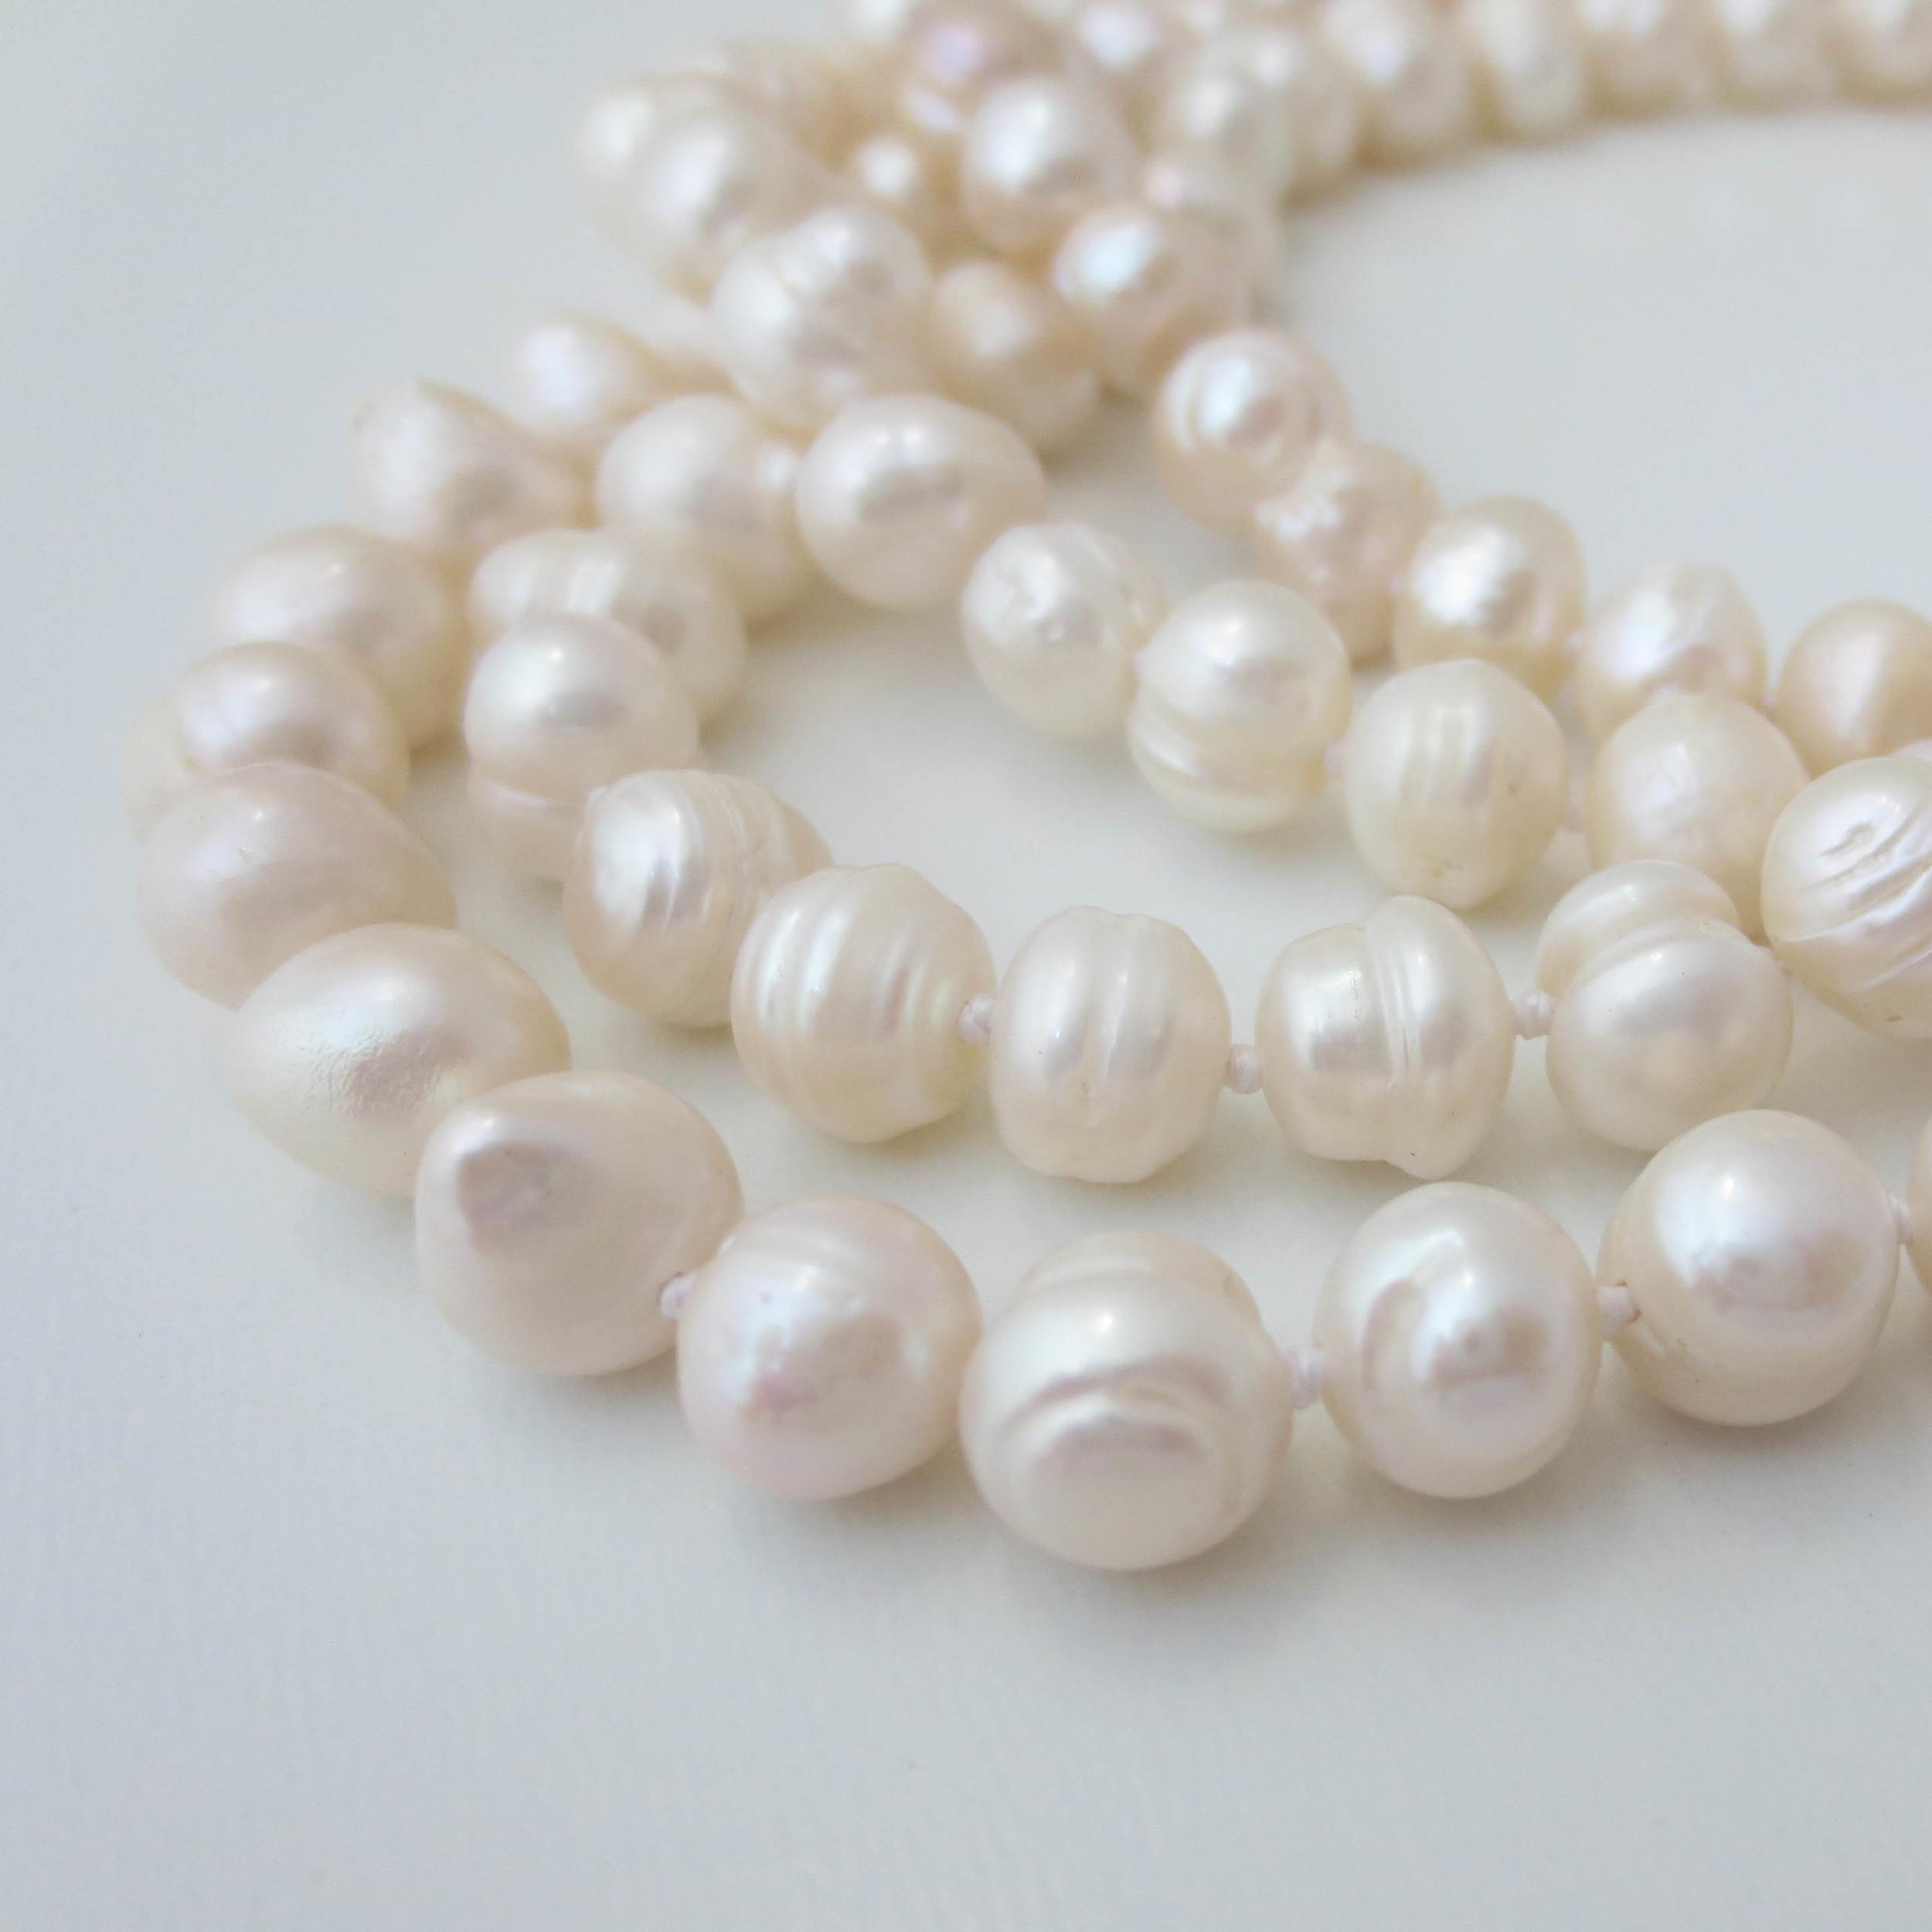 12639-opera-pearls-3.jpg